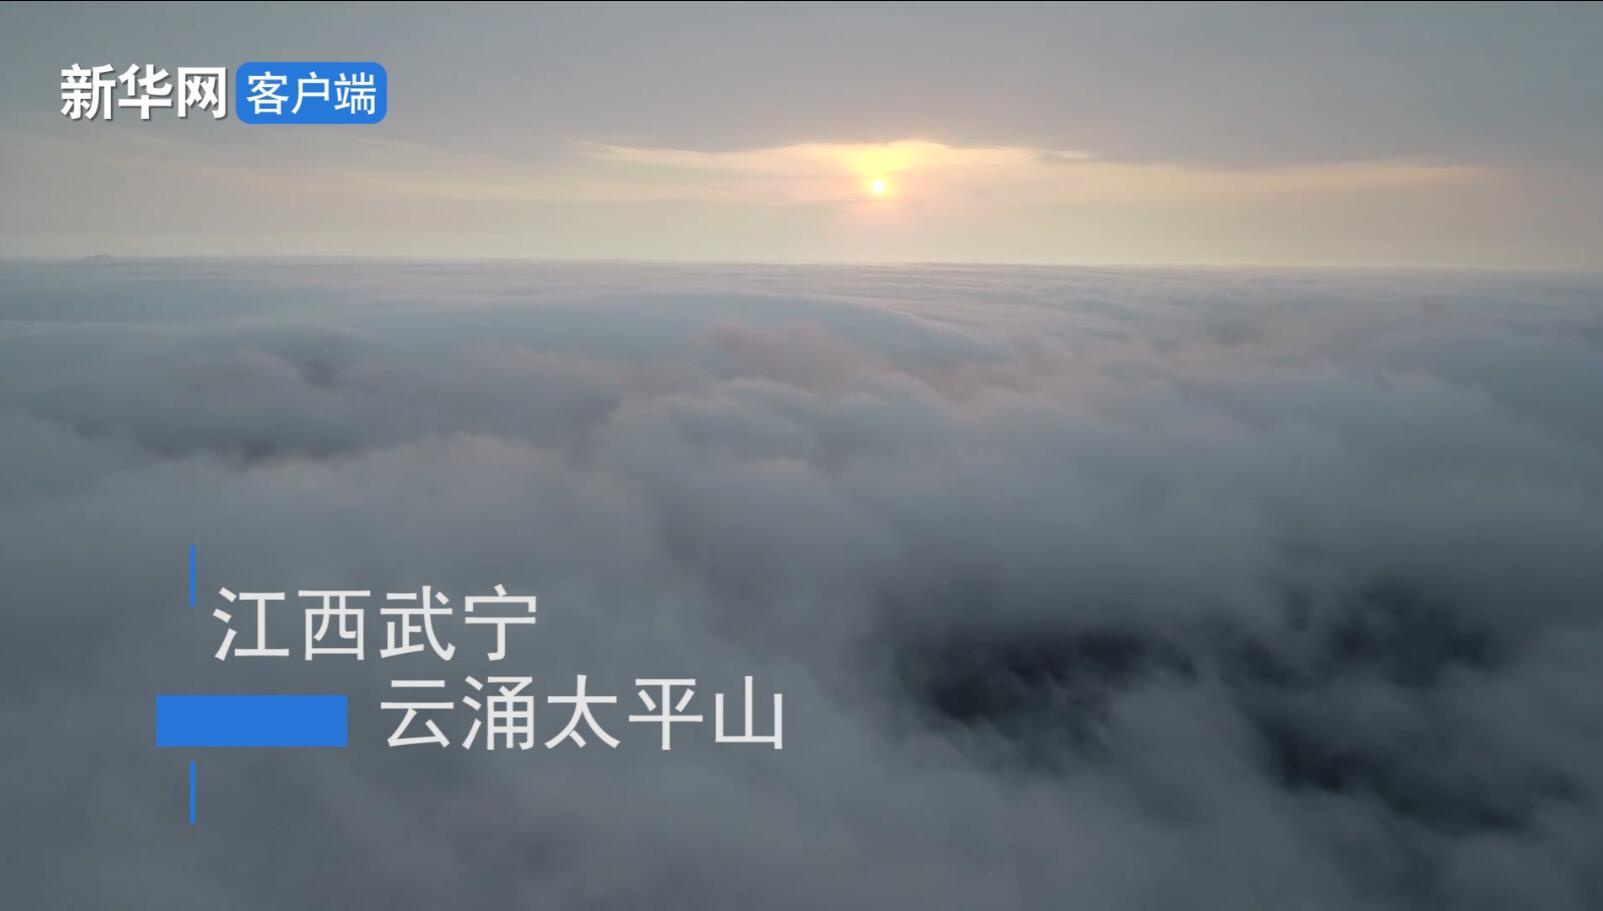 雲涌武寧太平山